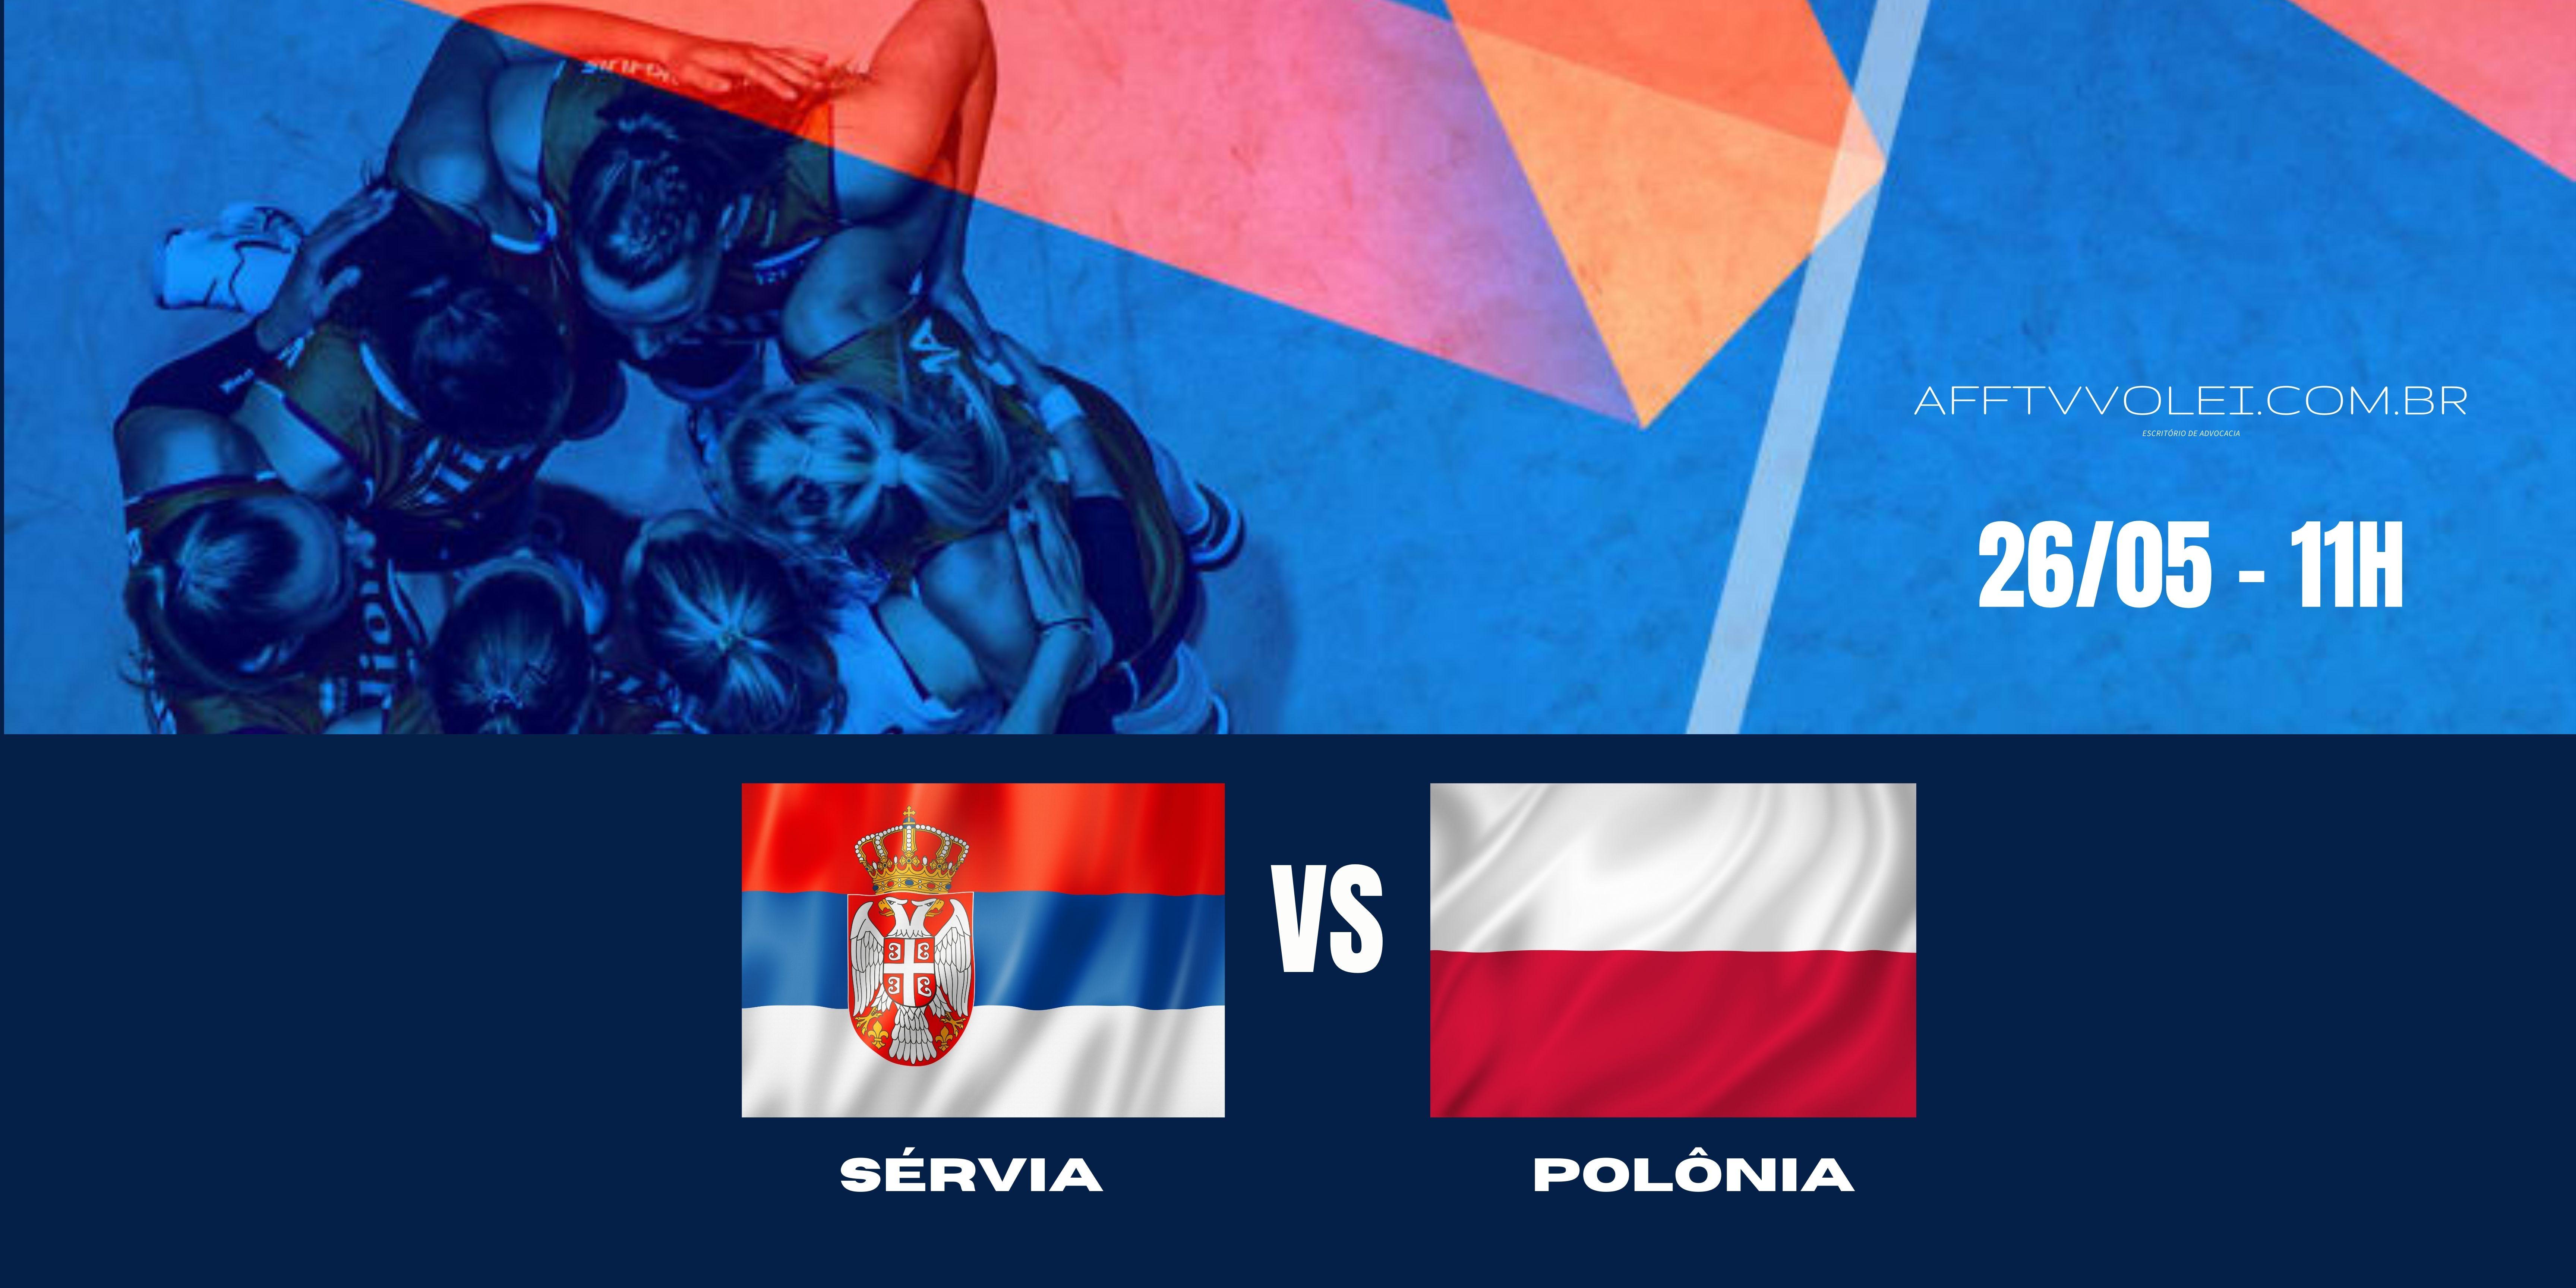 Sérvia vs Polônia – Liga das Nações – 26/05/2021